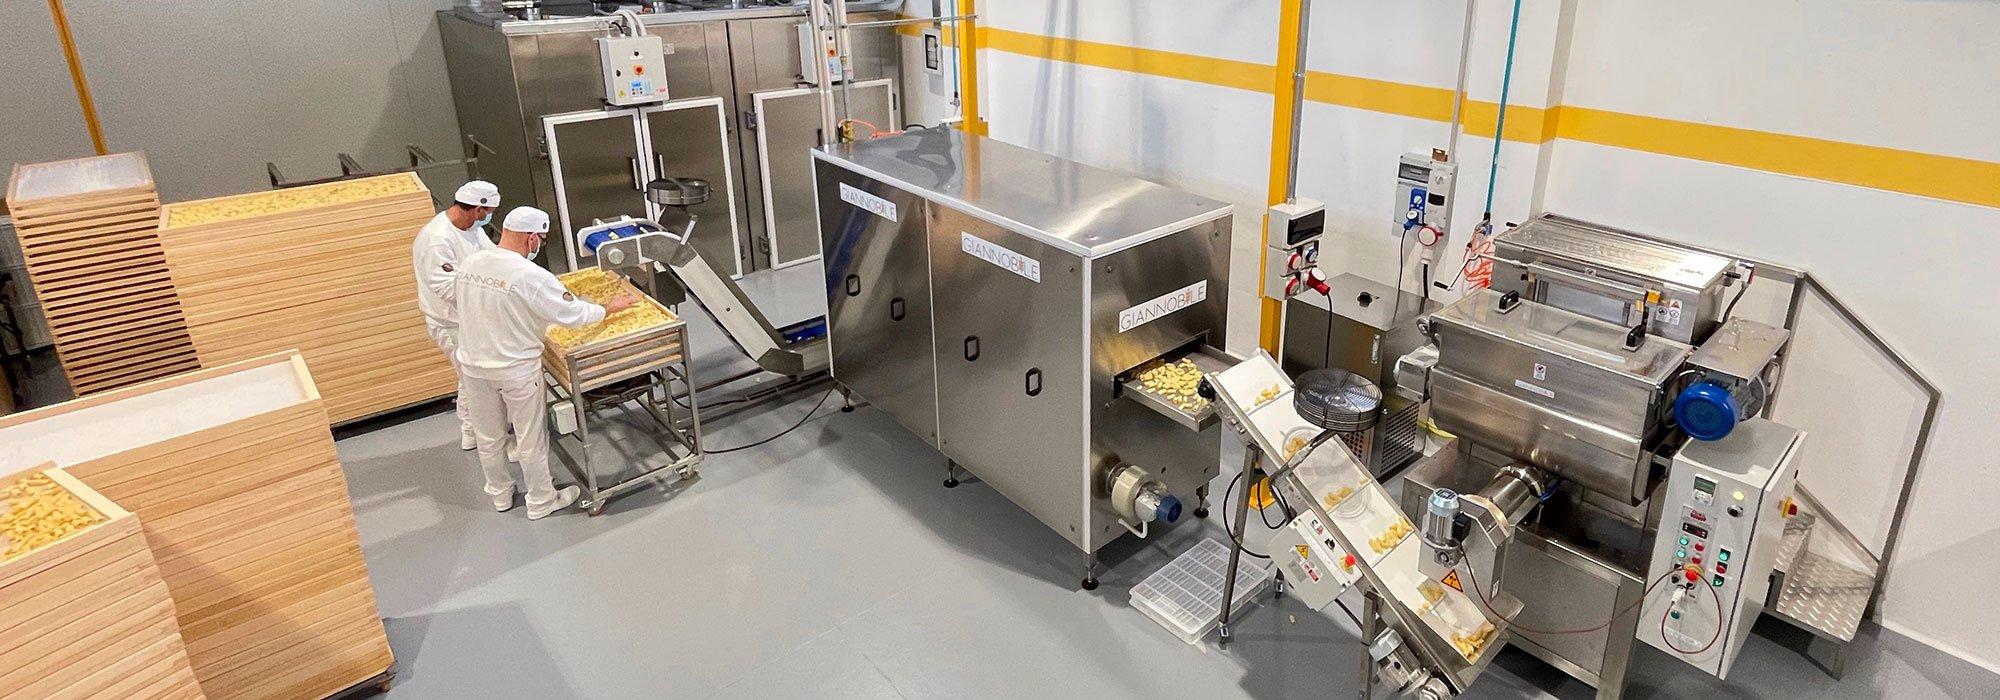 Macchine impianti produzione pasta secca